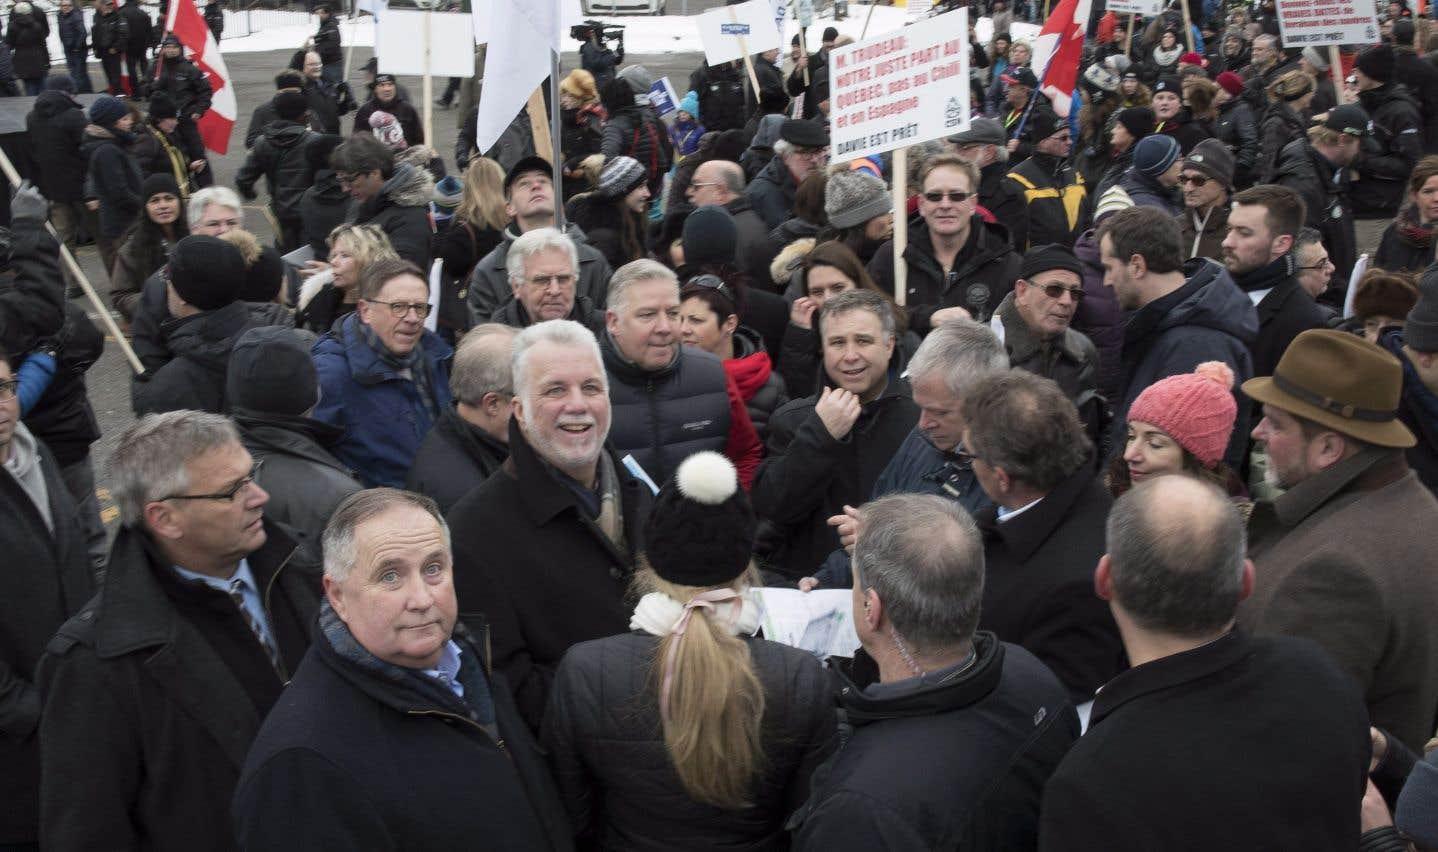 Couillard ouvre une marche de soutien aux employés de Chantier Davie